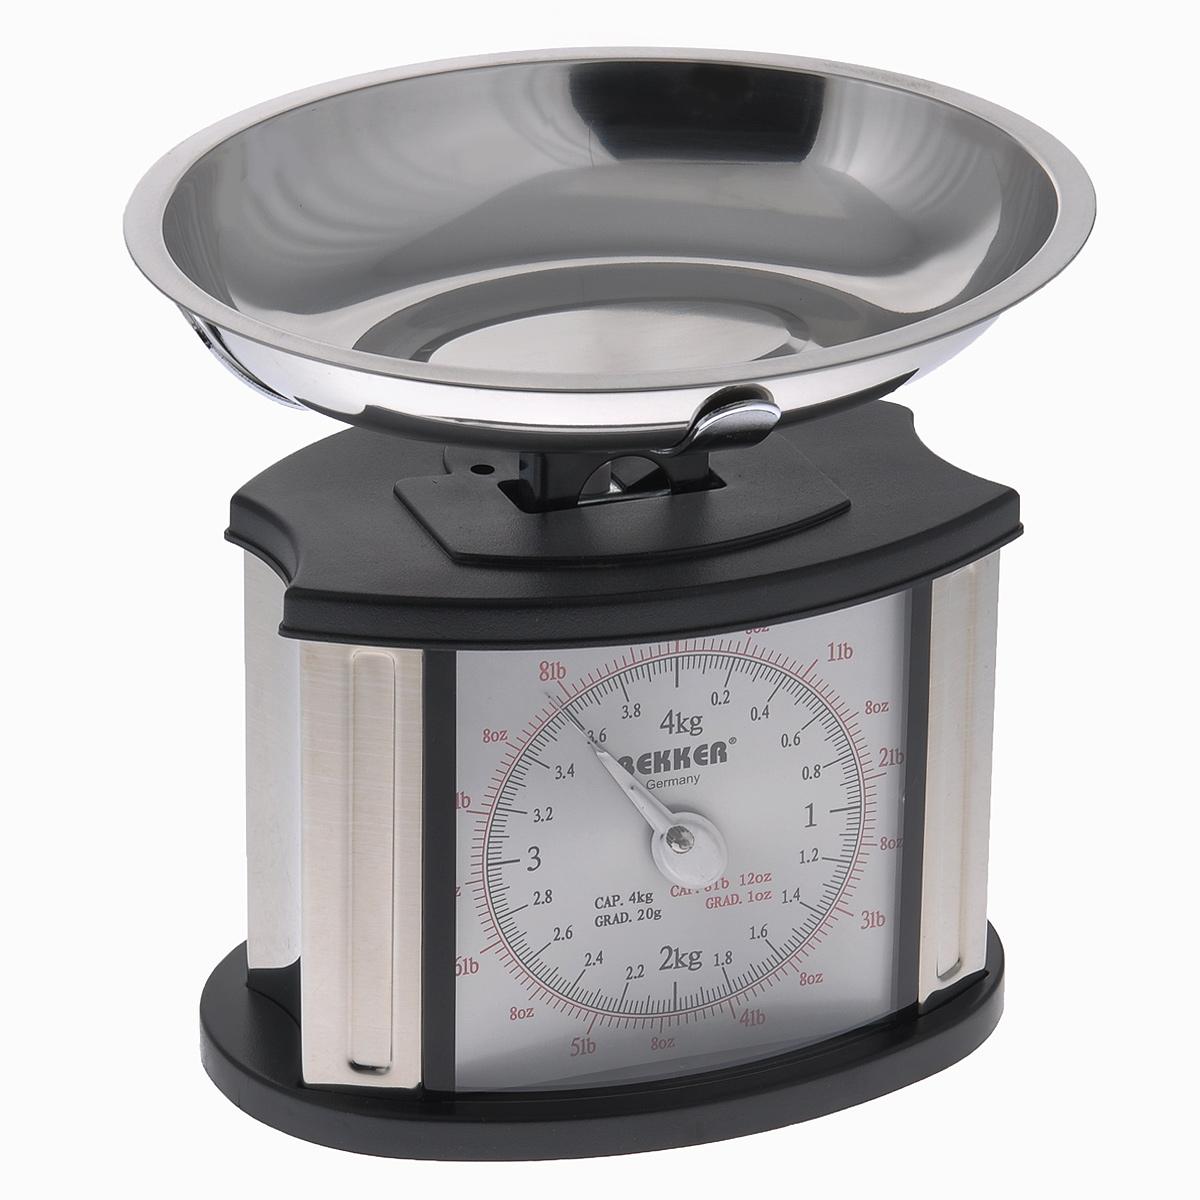 Весы кухонные механические Bekker Koch, до 4 кгBK-9106Механические кухонные весы Bekker Koch, выполненные из высокопрочного пластика и металла, с большой, хорошо читаемой шкалой и съемной чашей, придутся по душе каждой хозяйке и станут незаменимым аксессуаром на кухне. На шкале присутствуют несколько единиц измерения. Красная шкала обозначает унции и фунты, а черная - килограммы и граммы. В комплекте - чаша из нержавеющей стали. Вам больше не придется использовать продукты на глаз. Весы Bekker Koch позволят вам с высокой точностью дозировать продукты, следуя вашим любимым рецептам. Размер весов (без чаши): 18 см х 13 см х 18,5 см. Объем чаши: 1 л. Размер чаши: 23,5 см х 18,5 см х 4 см.